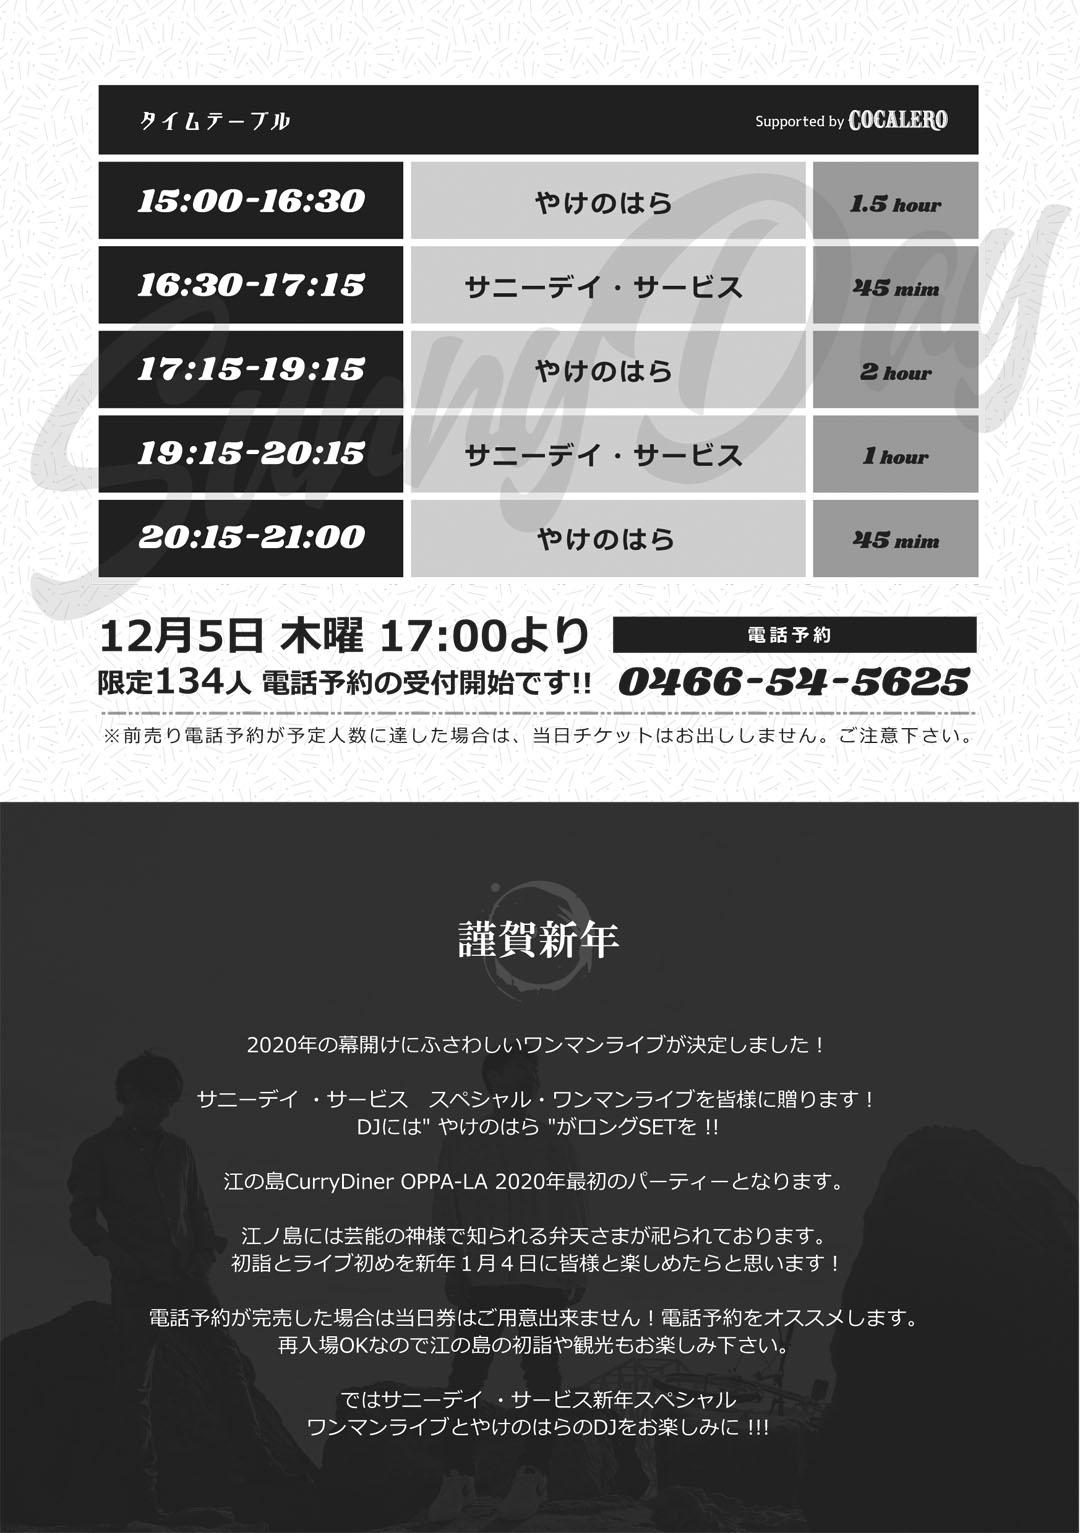 2020新年ライブ初め!1月4日! サニーデイ・サービス 2SETワンマンライブが江の島OPPA-LAにて決定!!!_d0106911_16233226.jpg